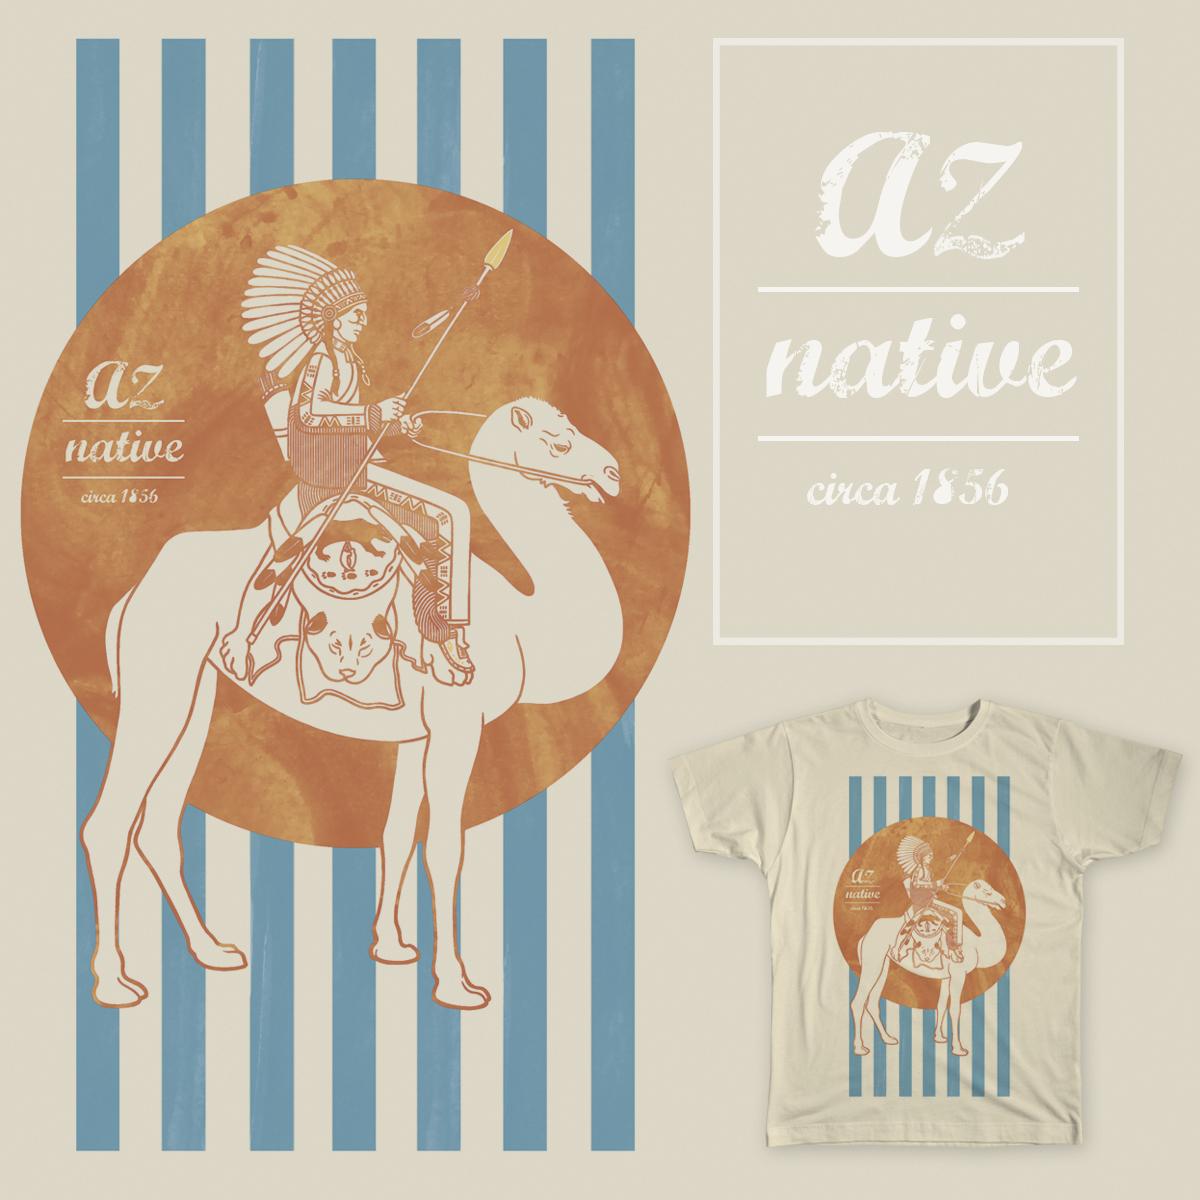 AZ Native by bdmolloy on Threadless